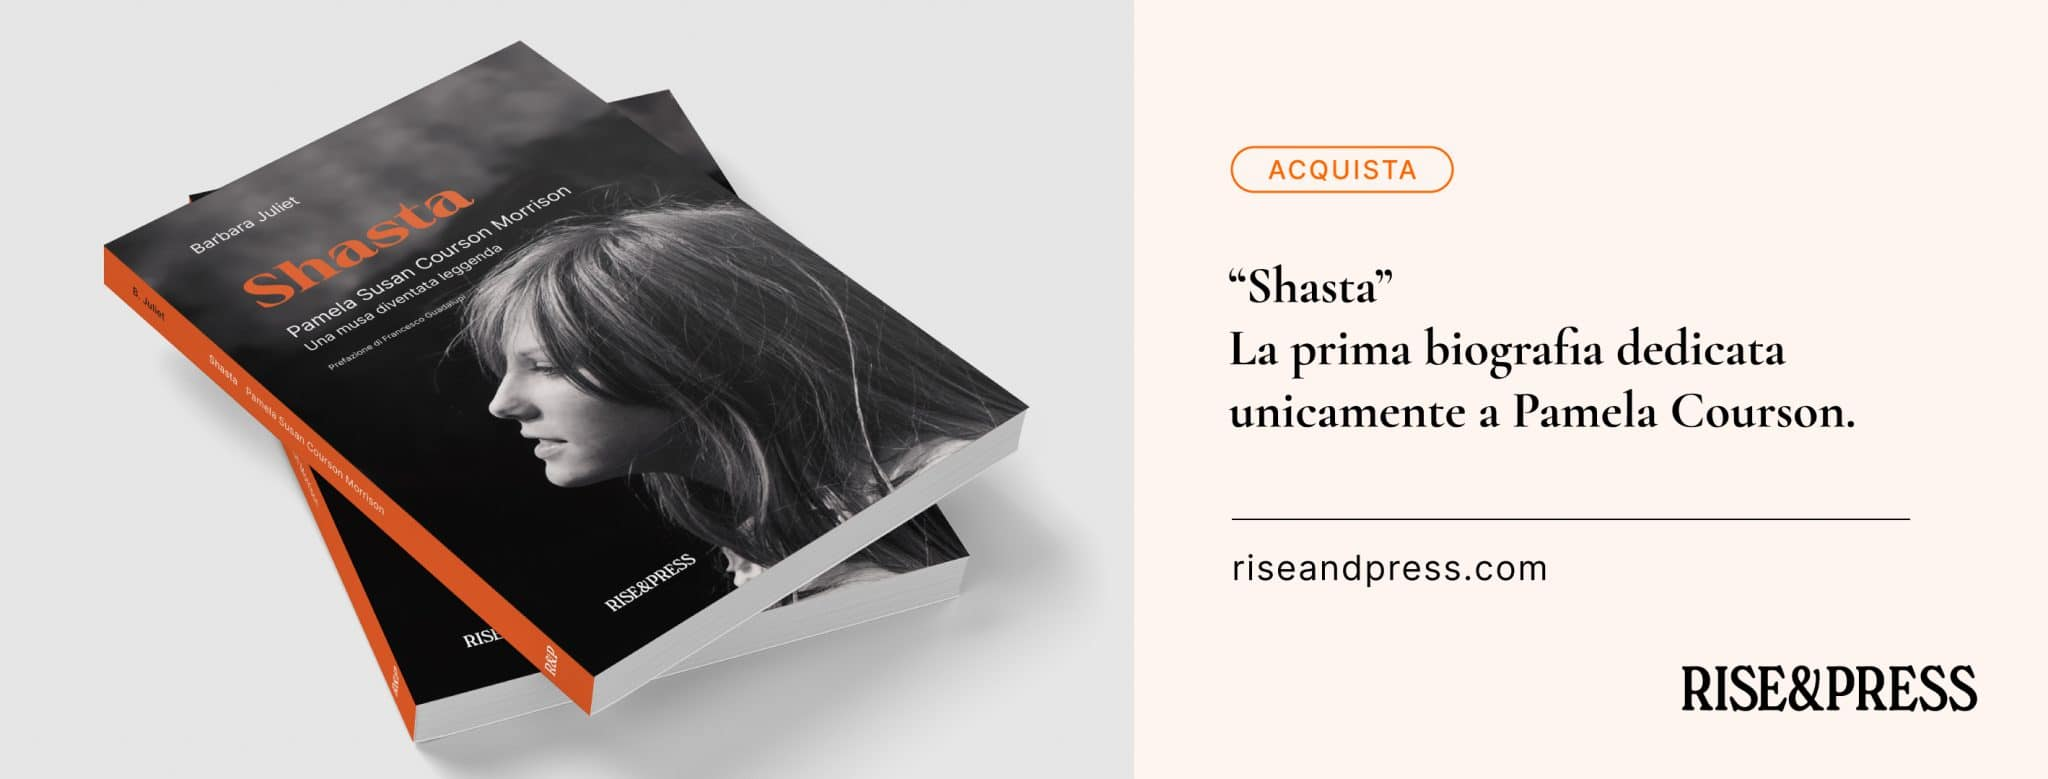 pamela-courson-morrison-libro-book-shasta-